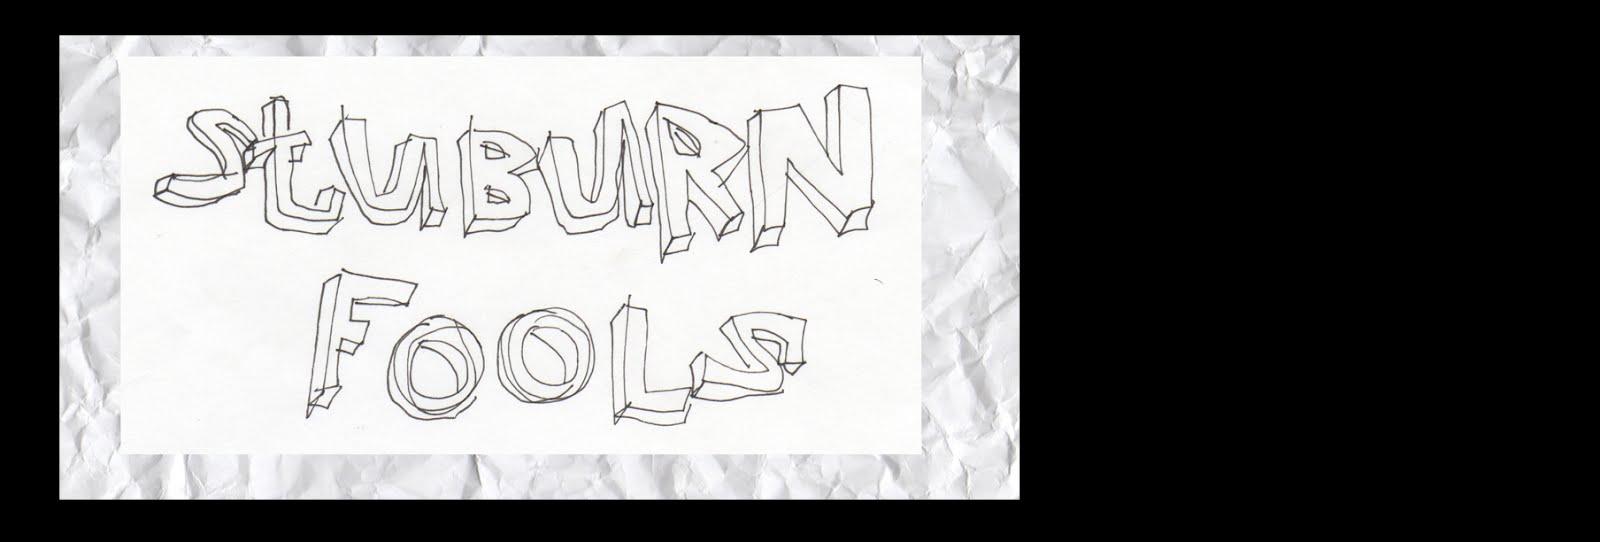 Stuburn Fools